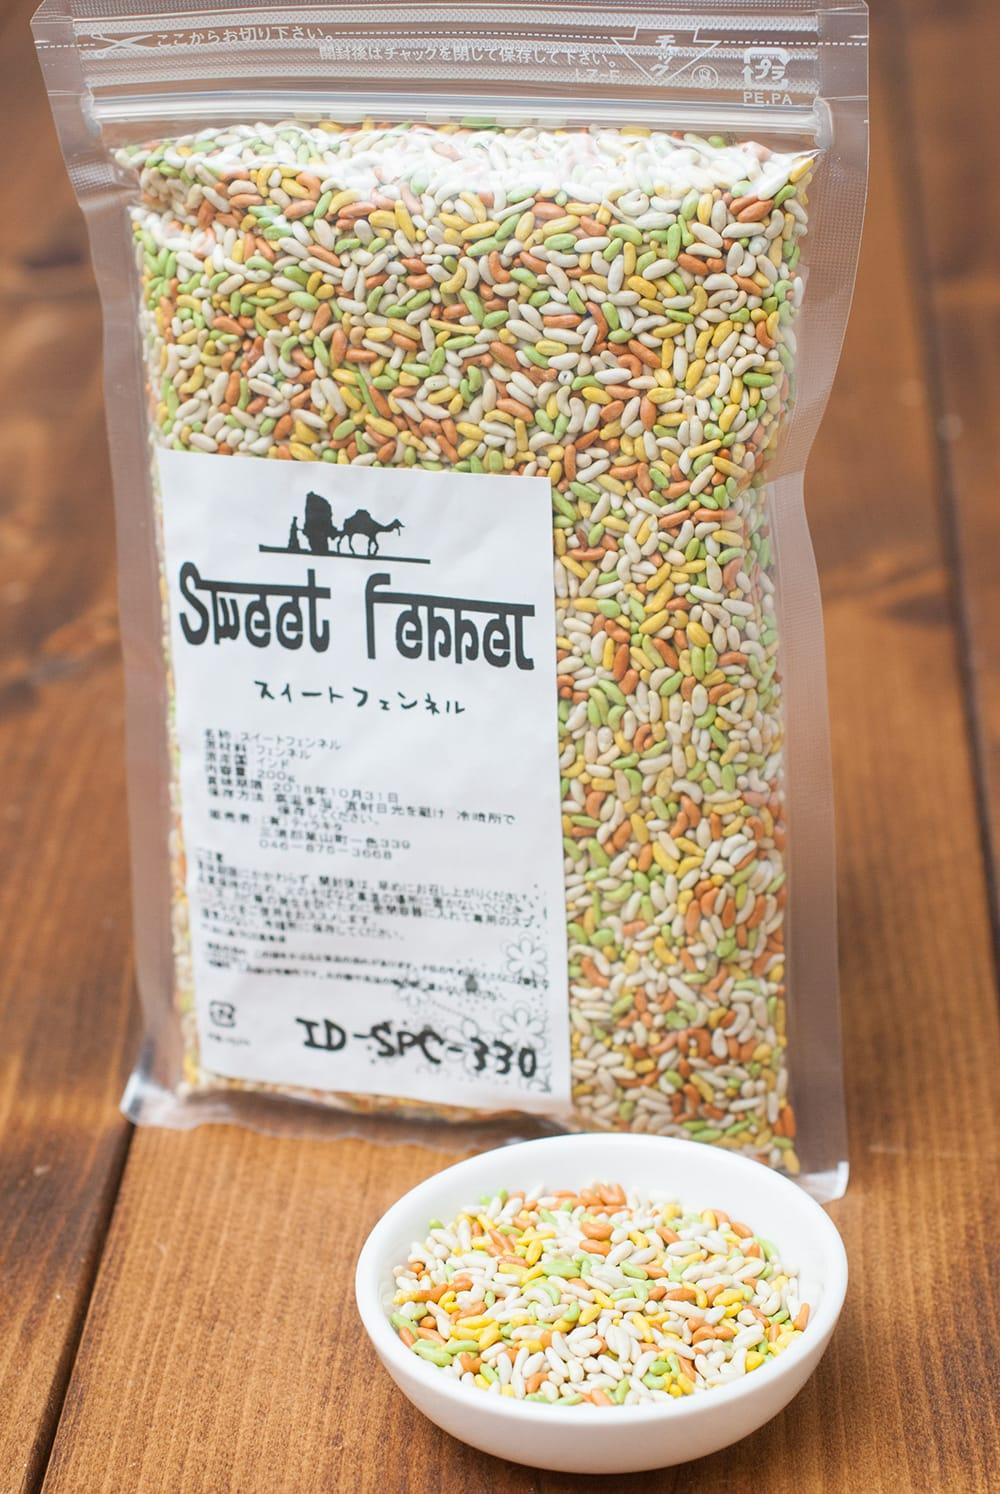 マウスフレッシュ スイート フェンネル - sweet fennel 【200gパック】の写真